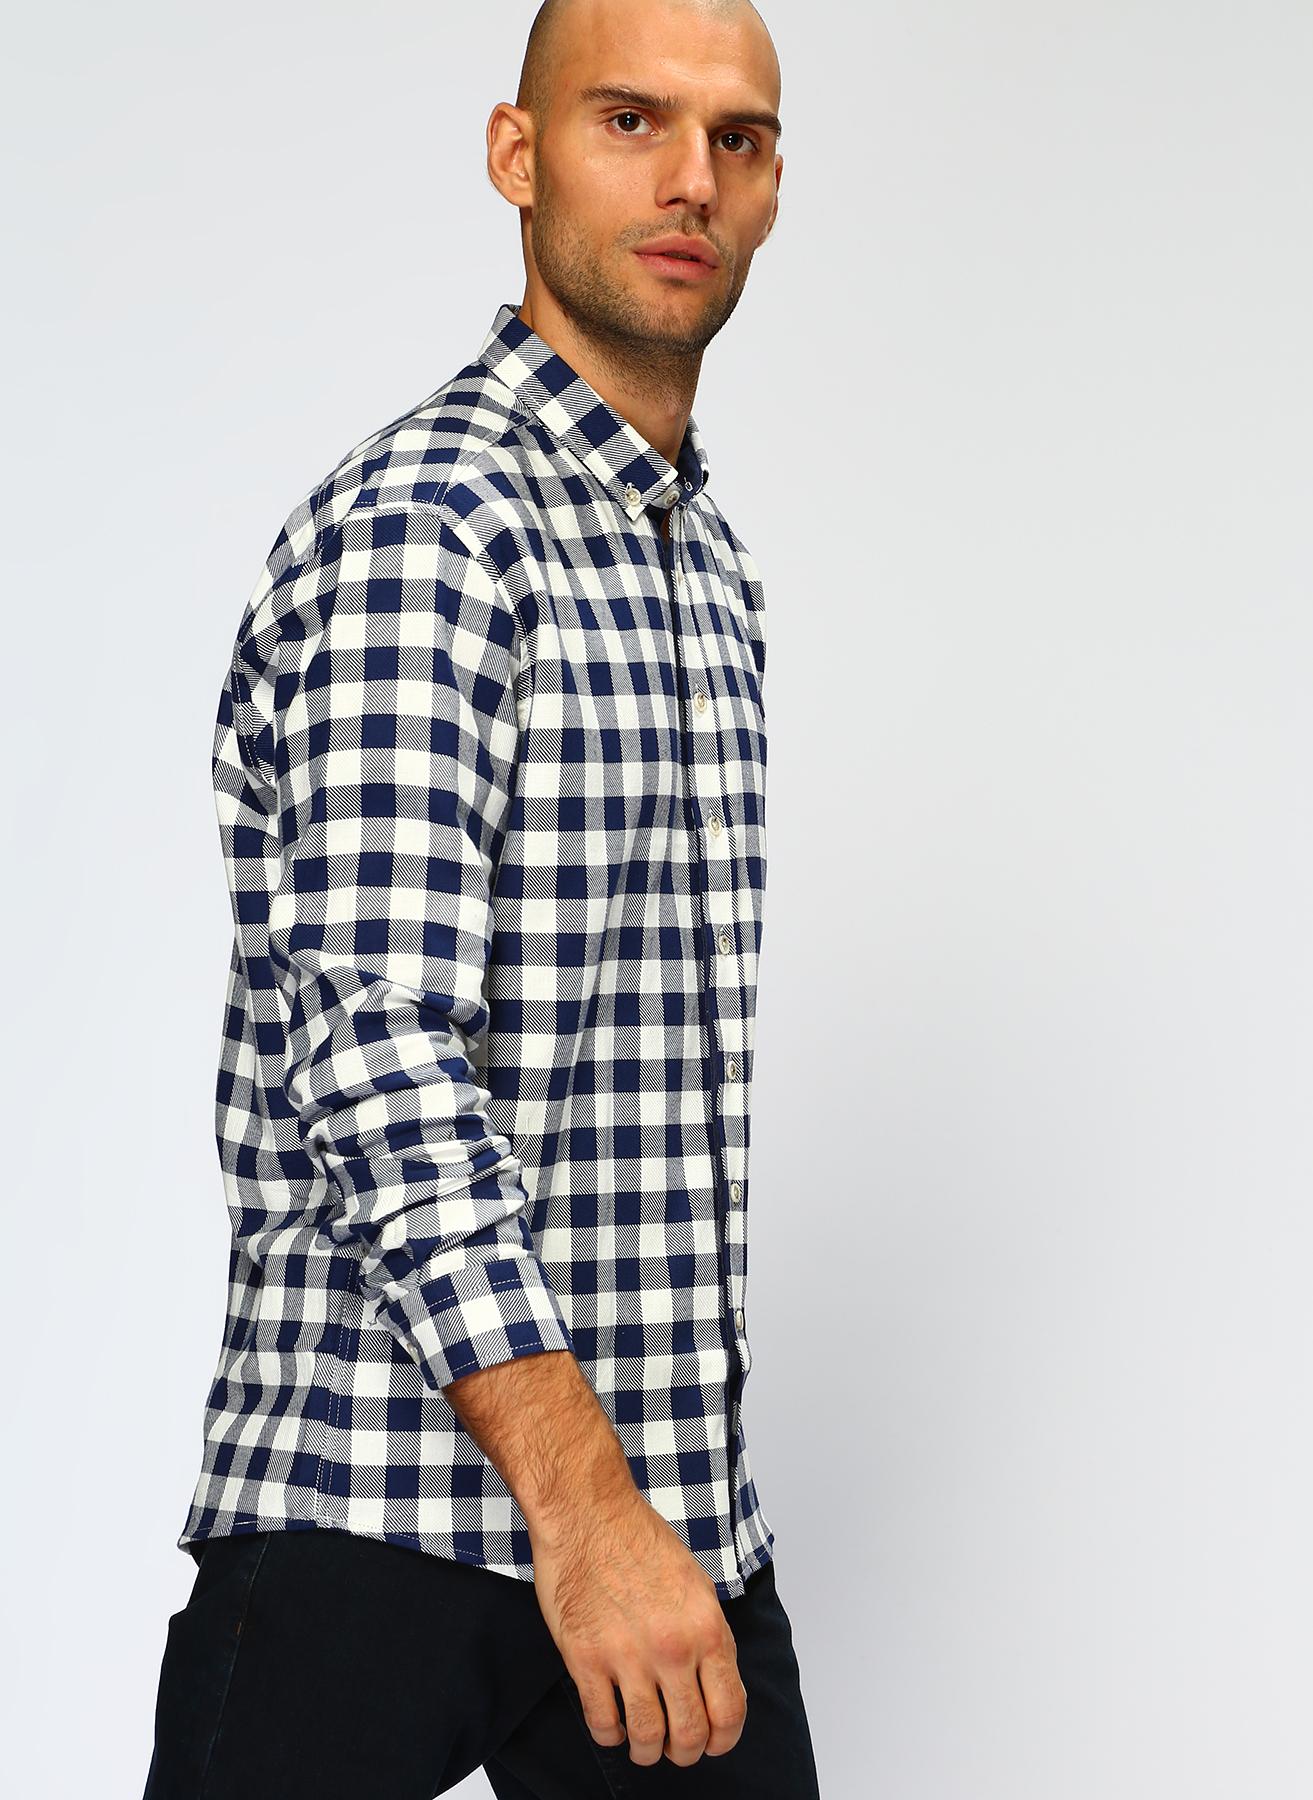 U.S. Polo Assn. Koyu Lacivert Gömlek L 5001704600001 Ürün Resmi